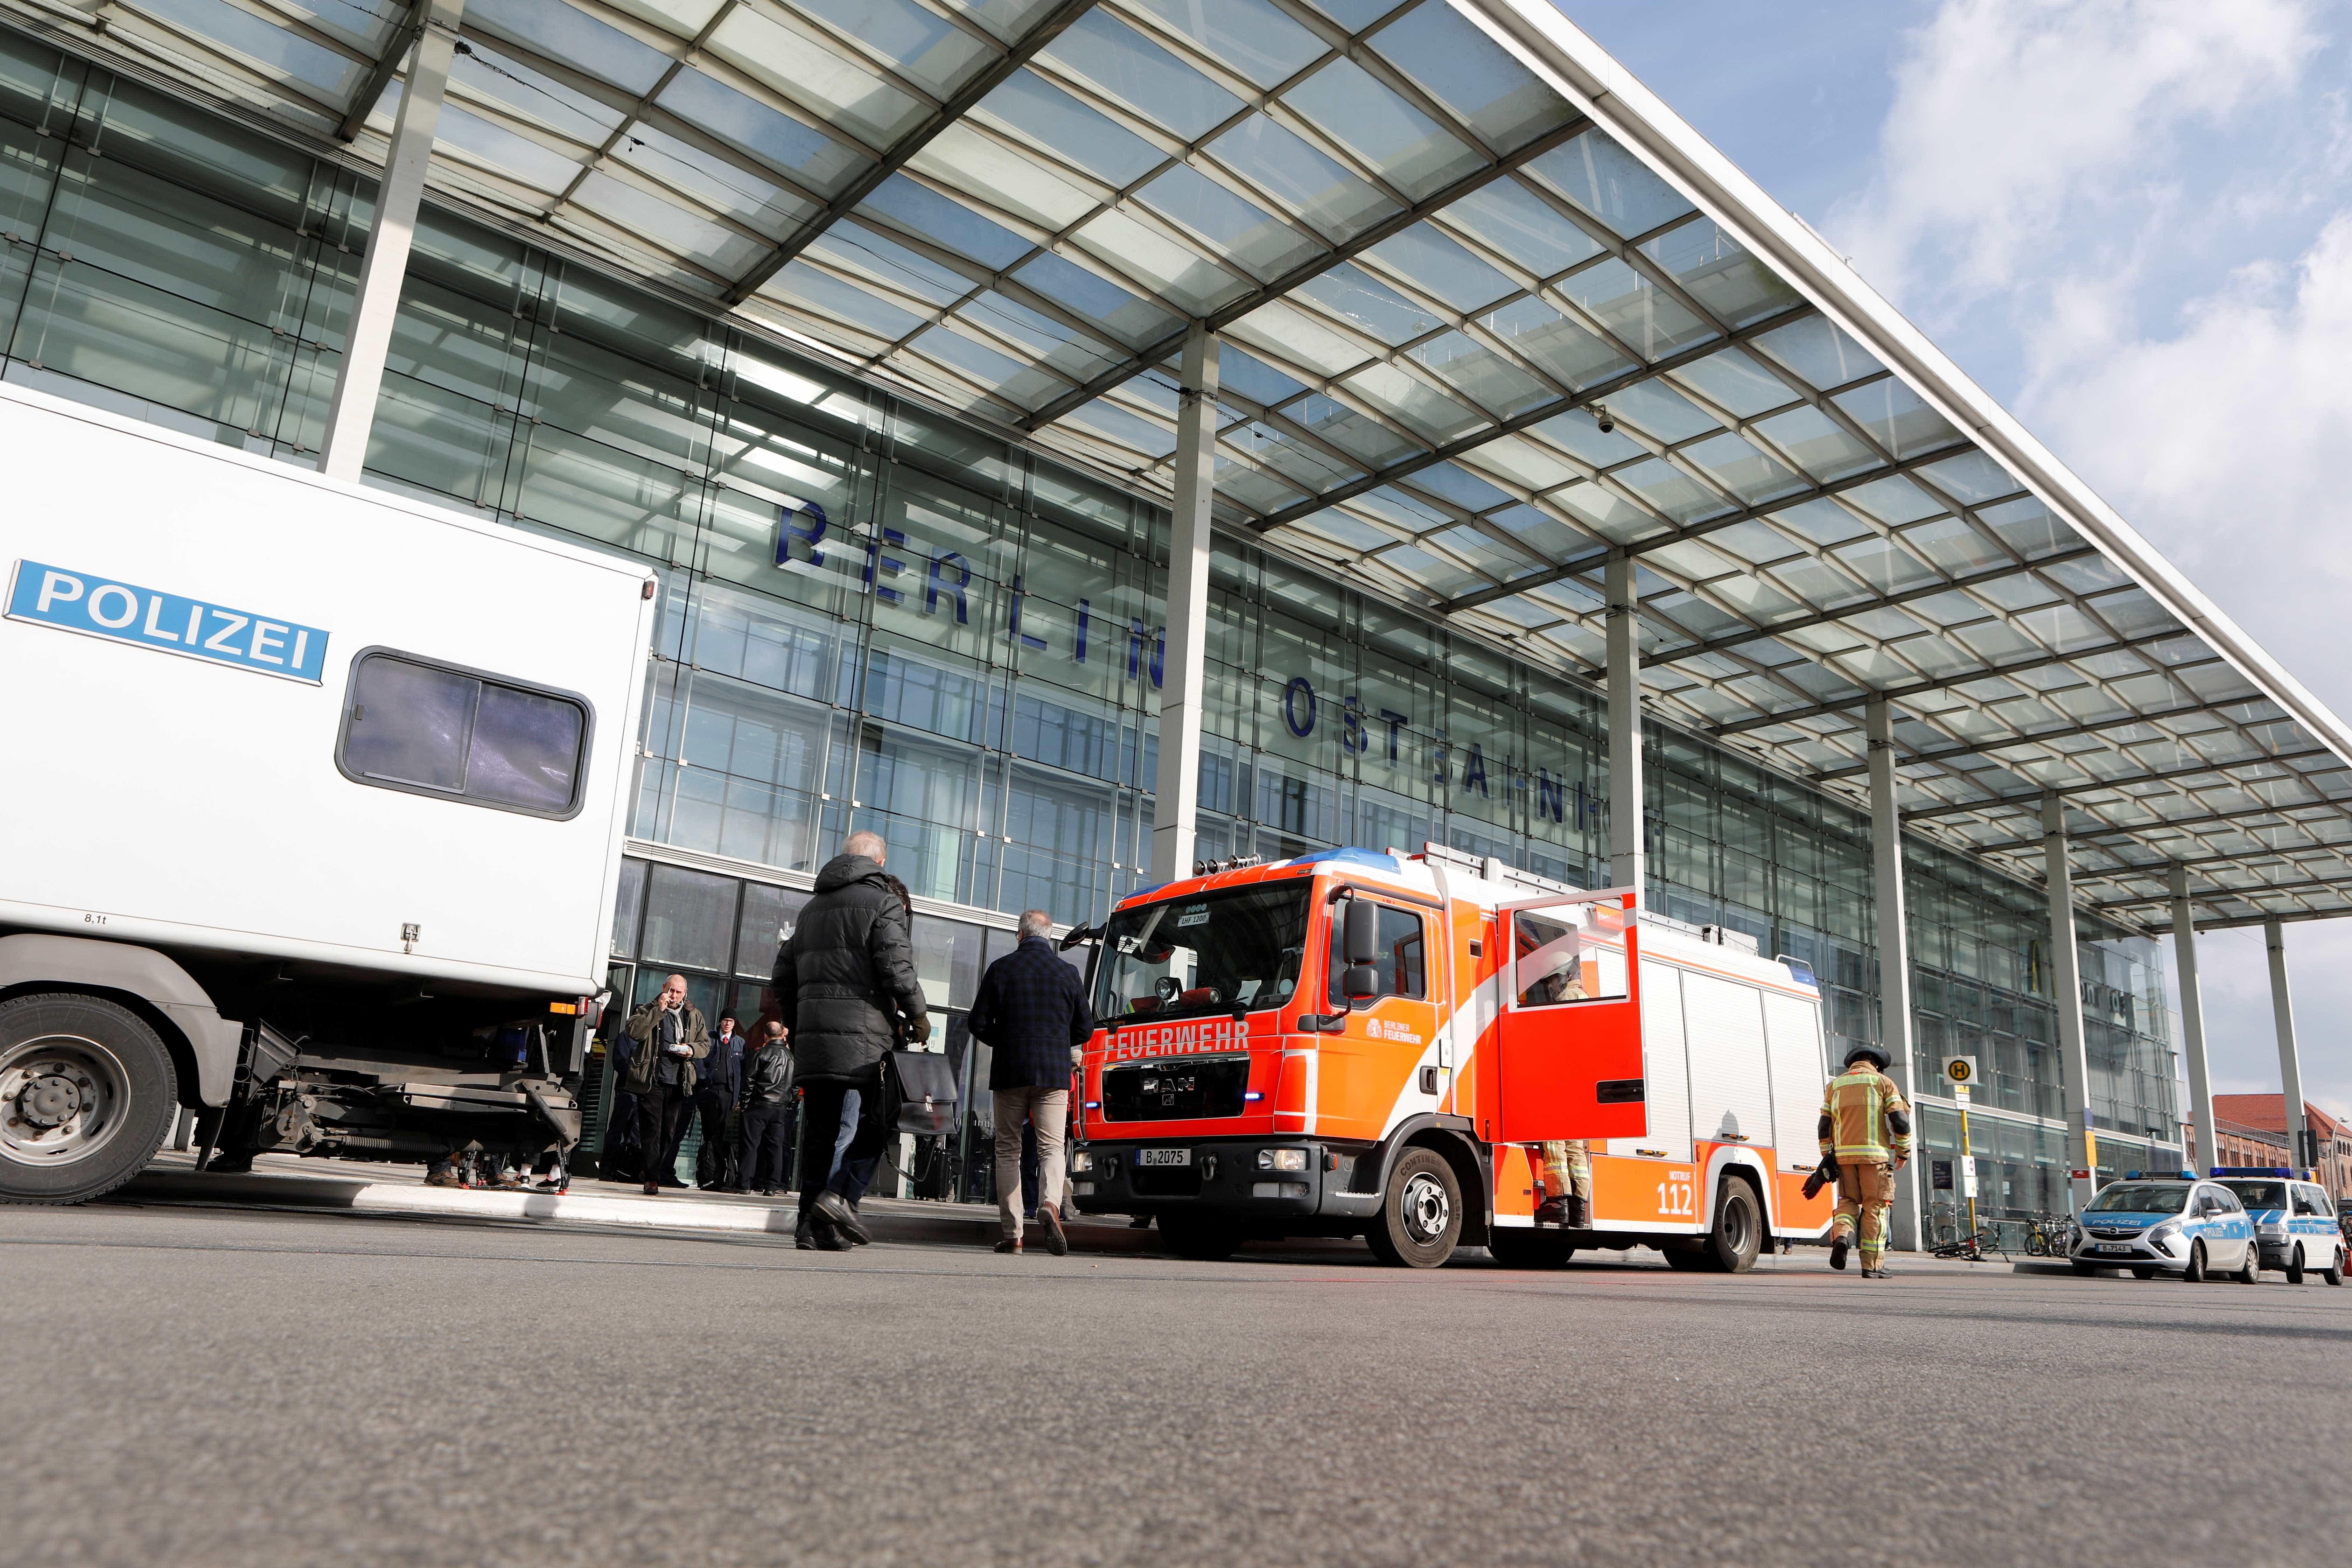 Alerta de bomba fecha uma das principais estações de Berlim